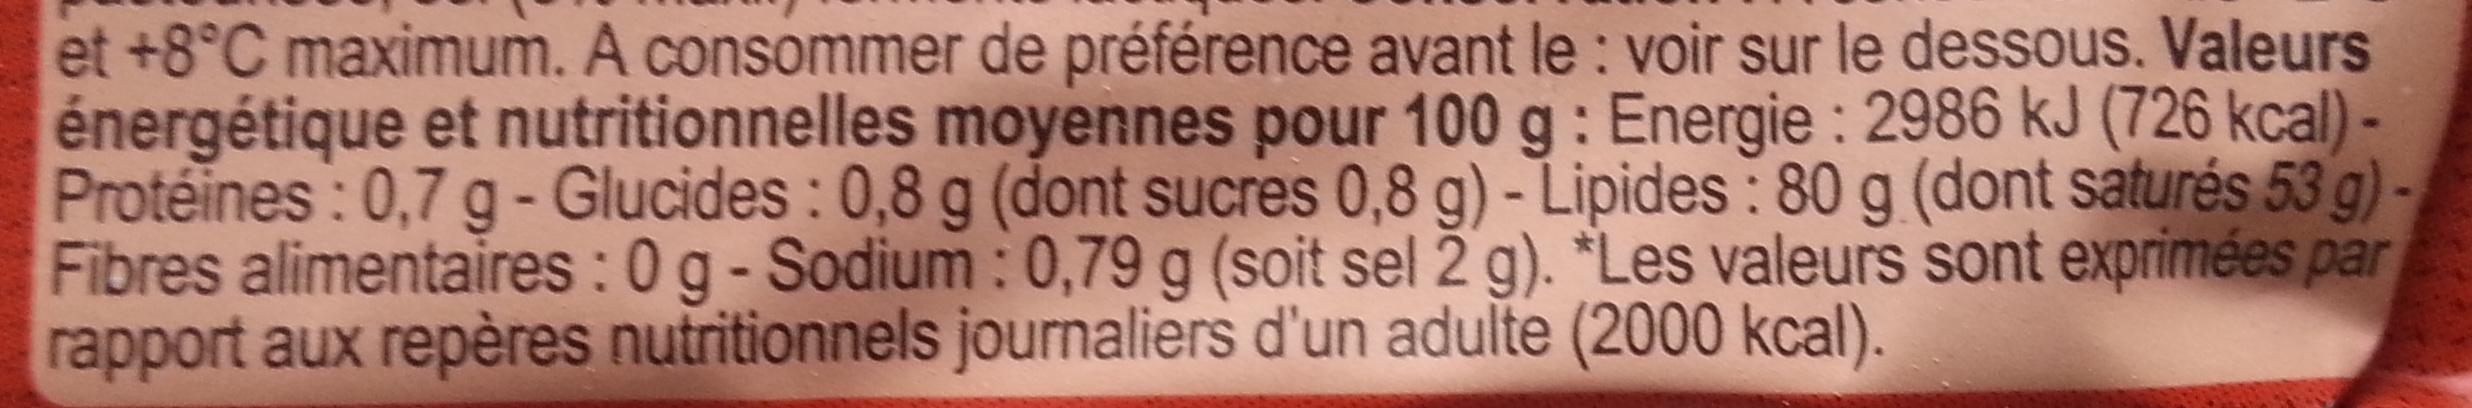 Beurre moulé demi-selbretagne - Nutrition facts - fr